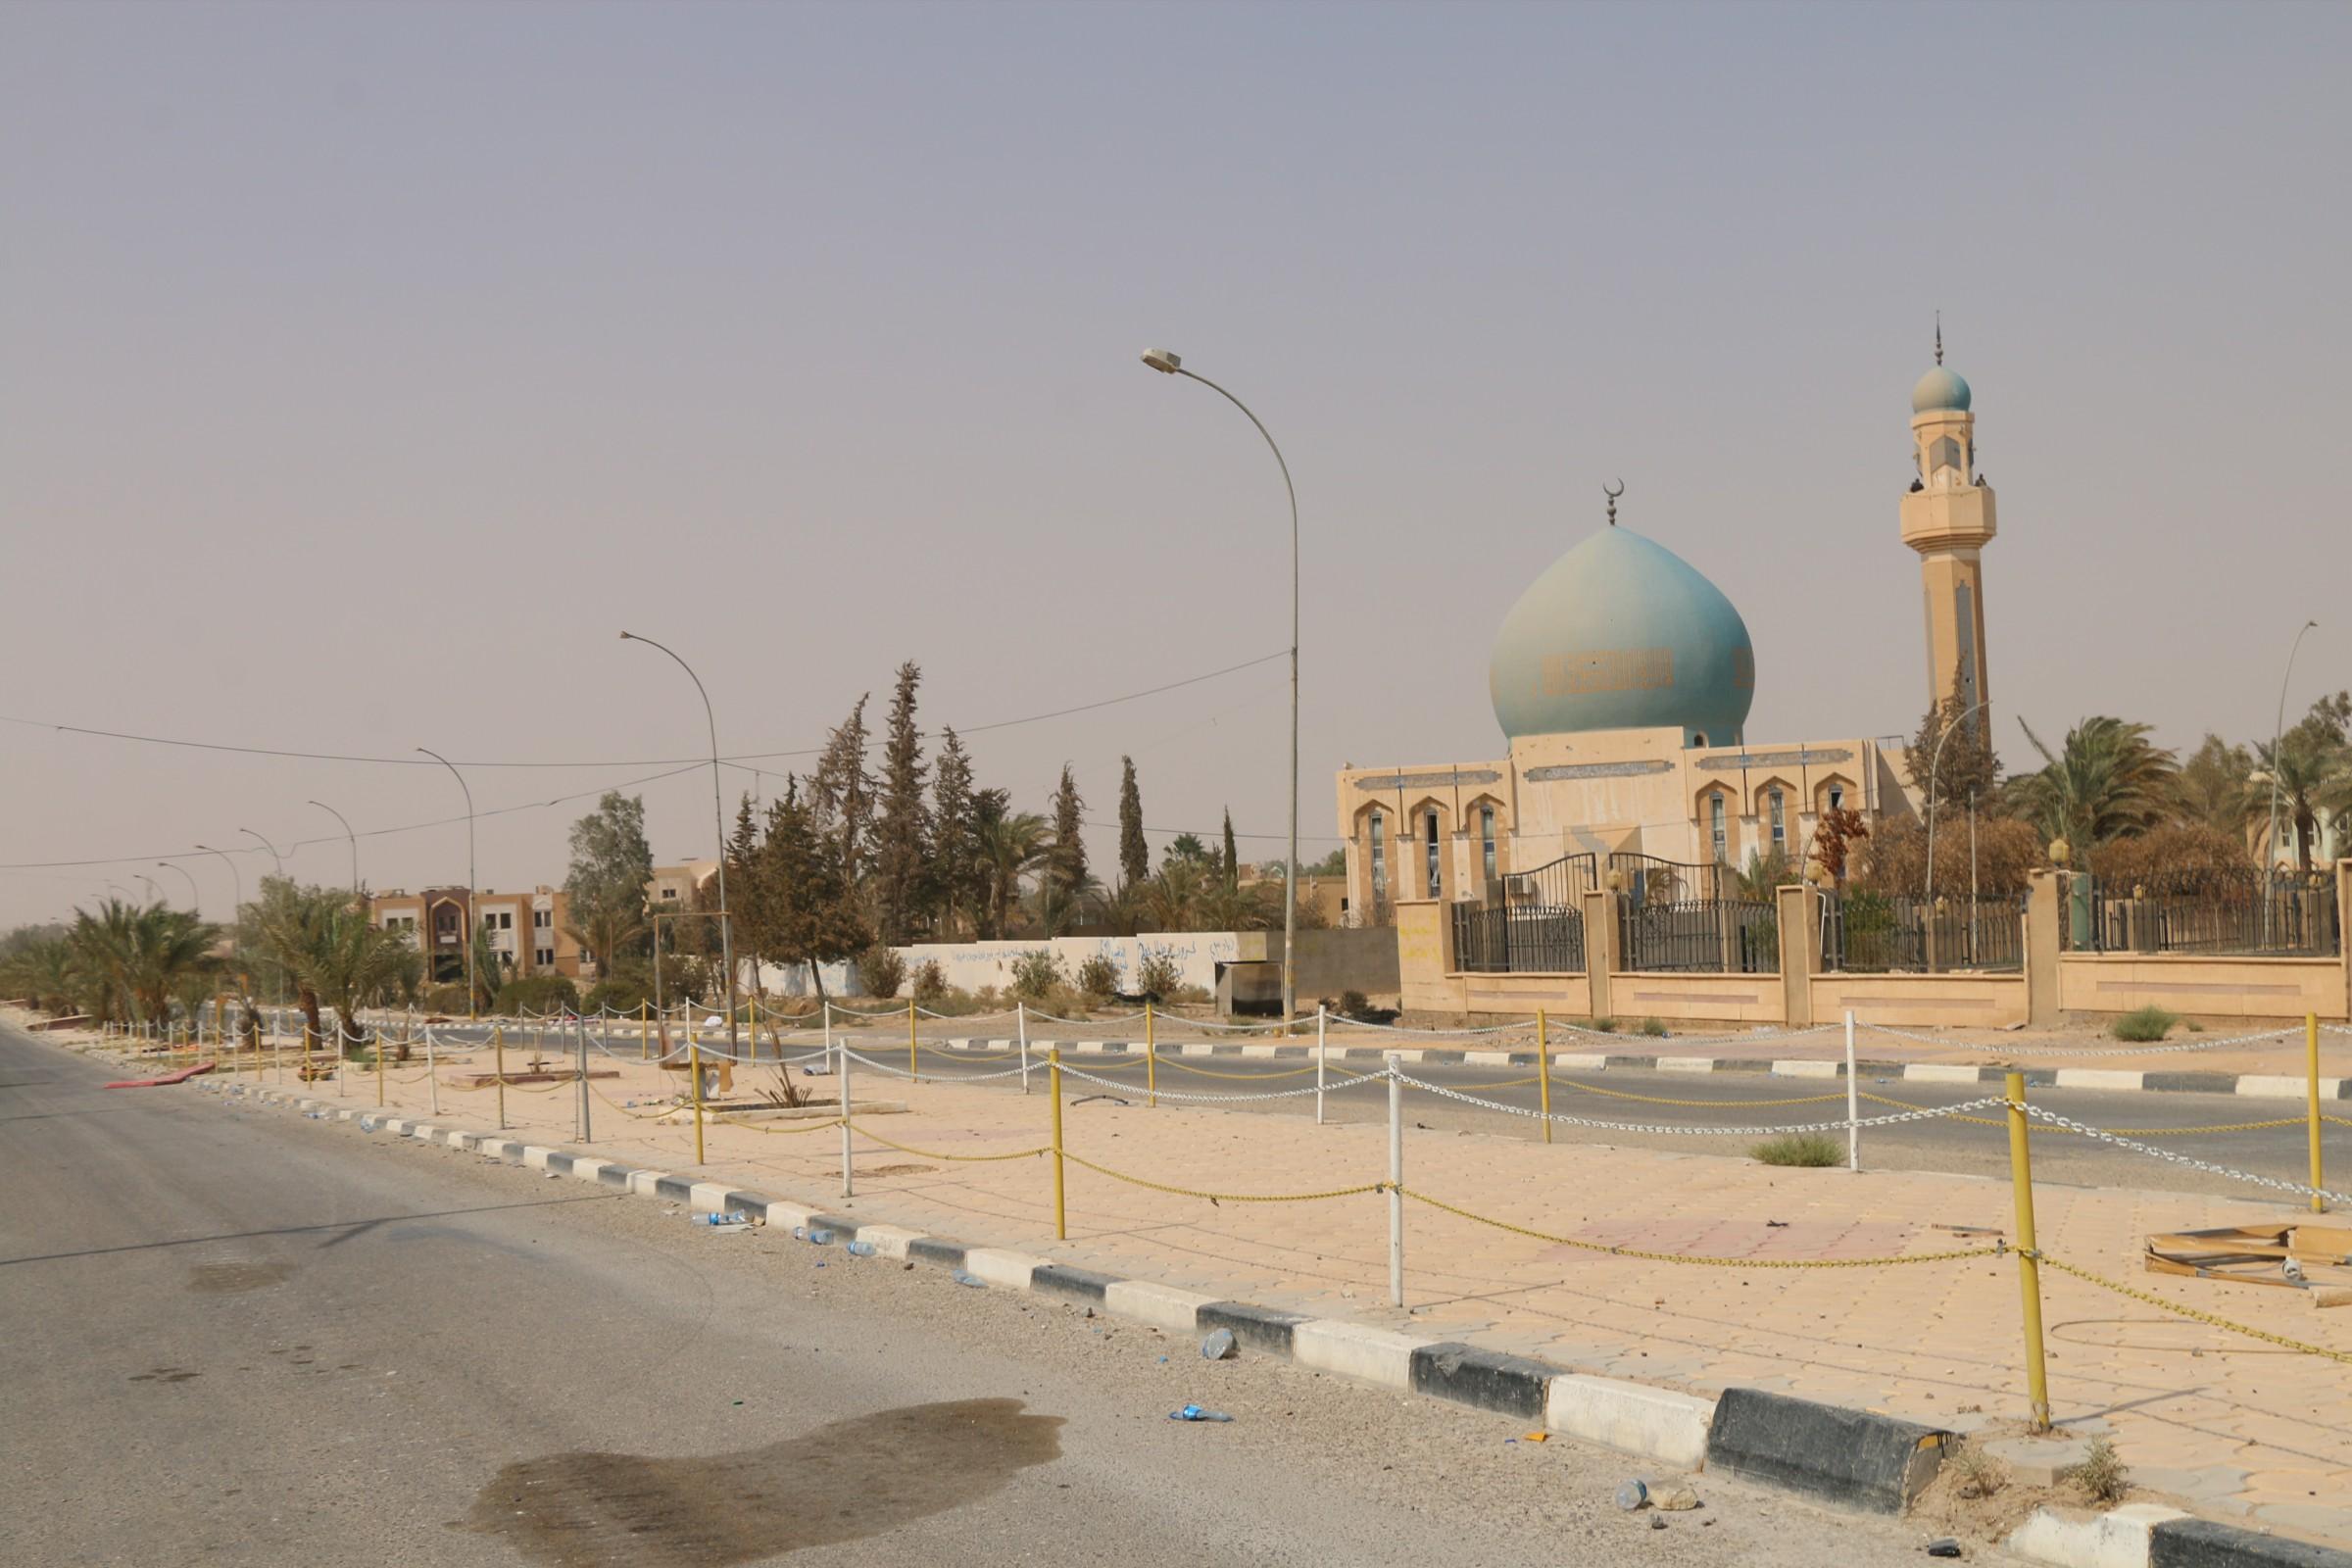 مجلس عنة يعلن الموافقة على تعزيز شرطة القضاء بـ50 شرطيا اضافيا